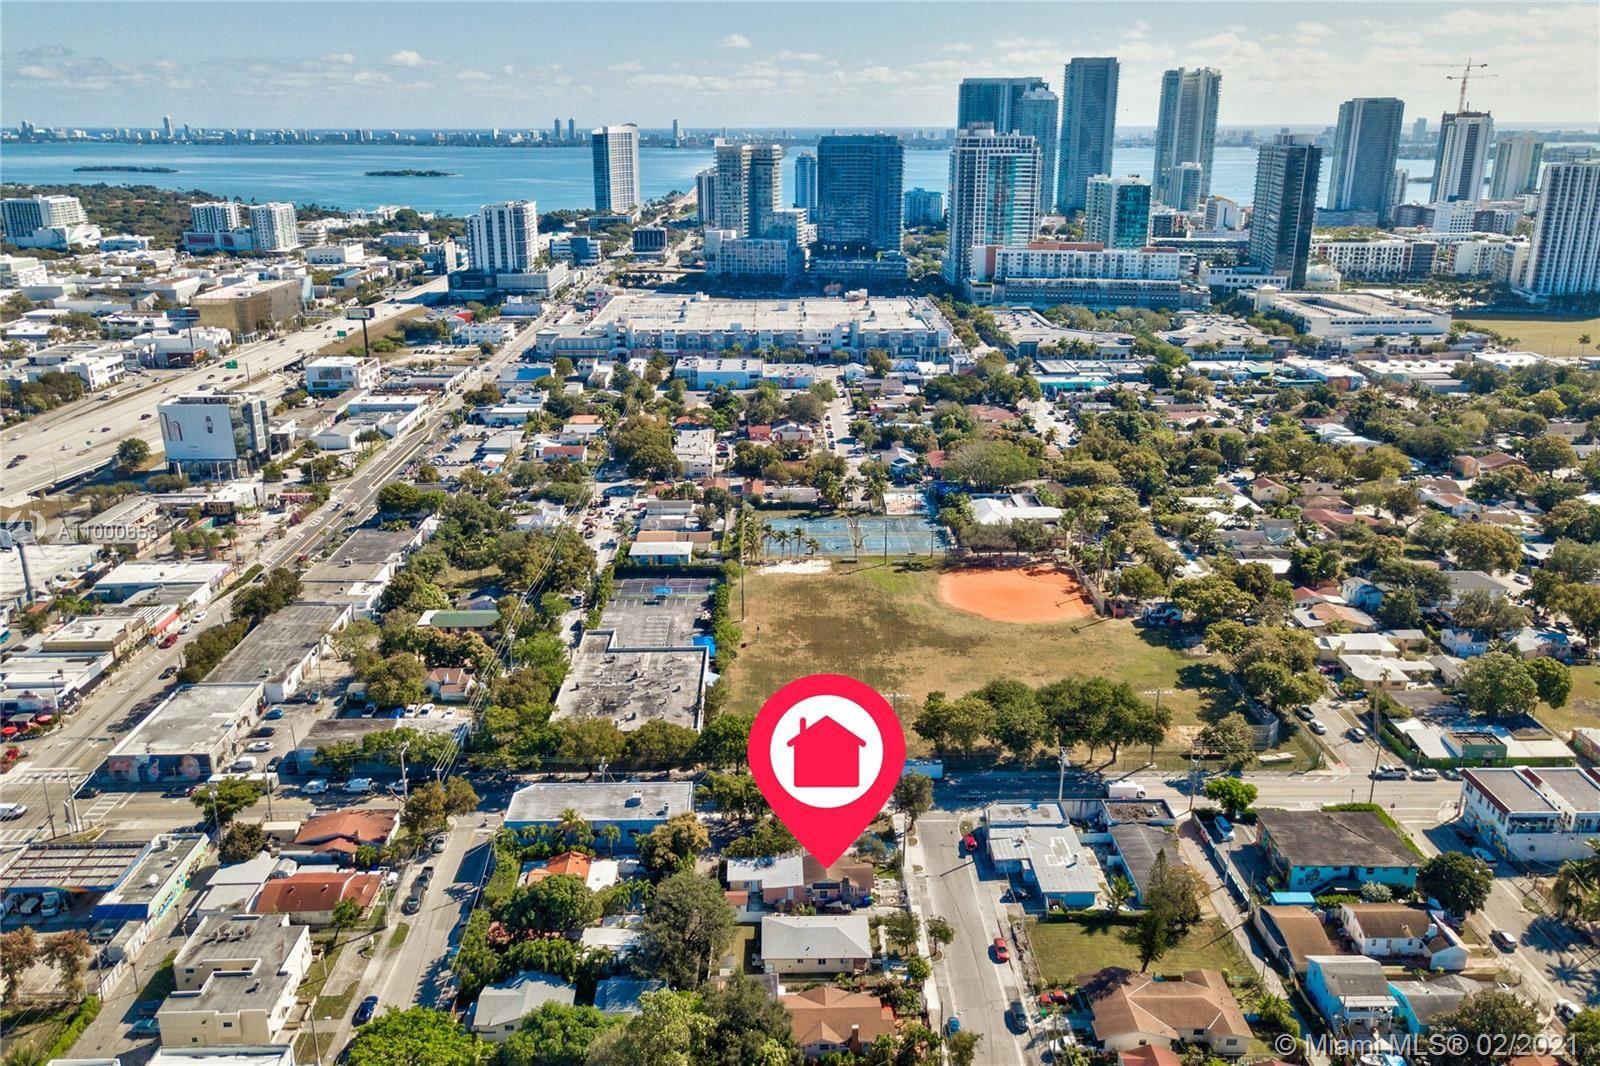 213 NW 34th Ter, Miami, FL 33127 - #: A11000658